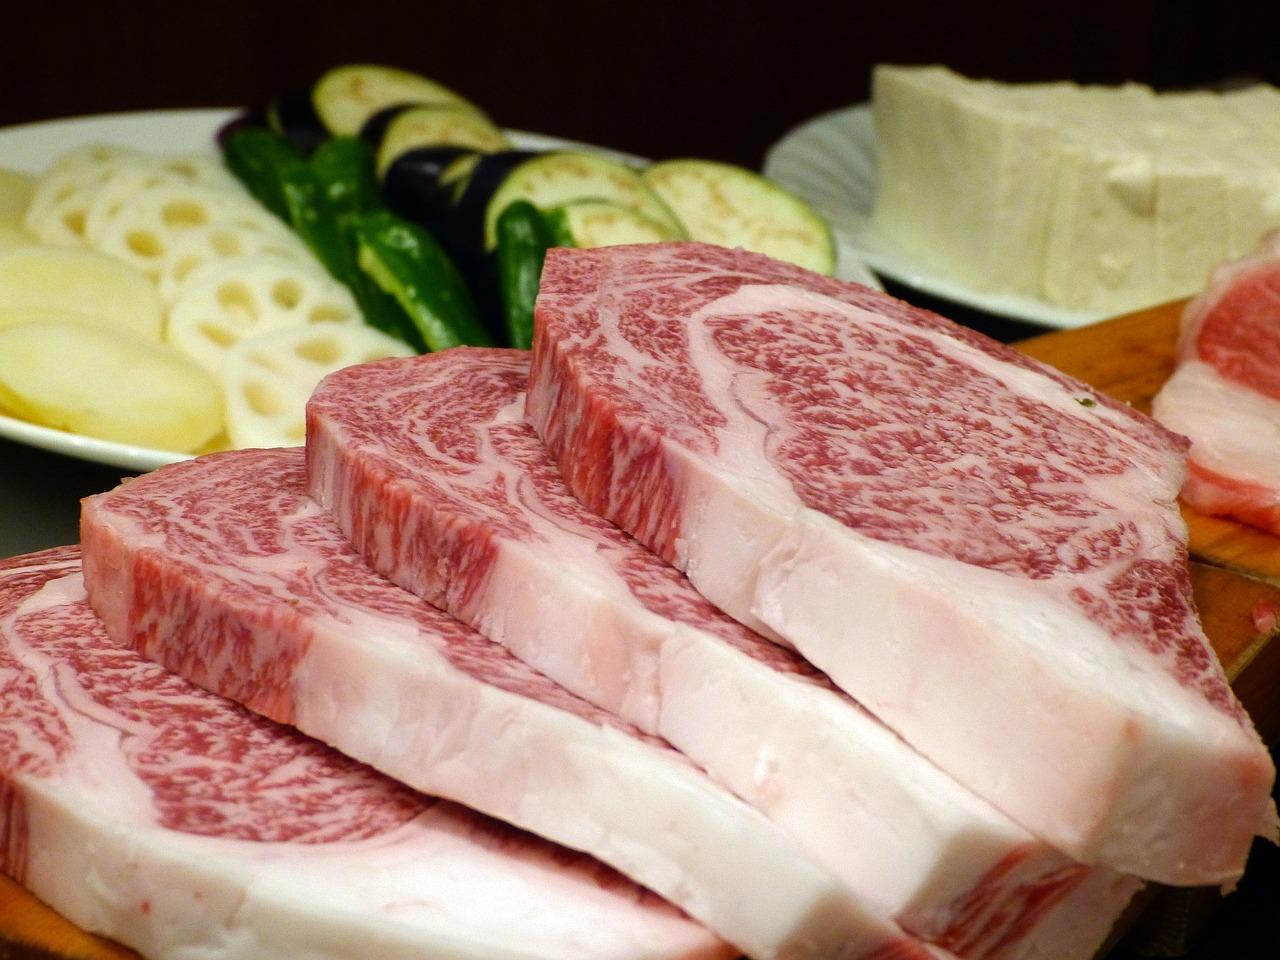 脂質制限 コレステロール インスリン インスリン抵抗性 脂肪 脂質 糖質制限 糖質制限ダイエット ダイエット 炭水化物ダイエット 痩せる 太った 糖質 脂質異常症 高脂血症 コレステロール マンガ とさくら とさくらマンガブログ ブログ Tosakura 高知